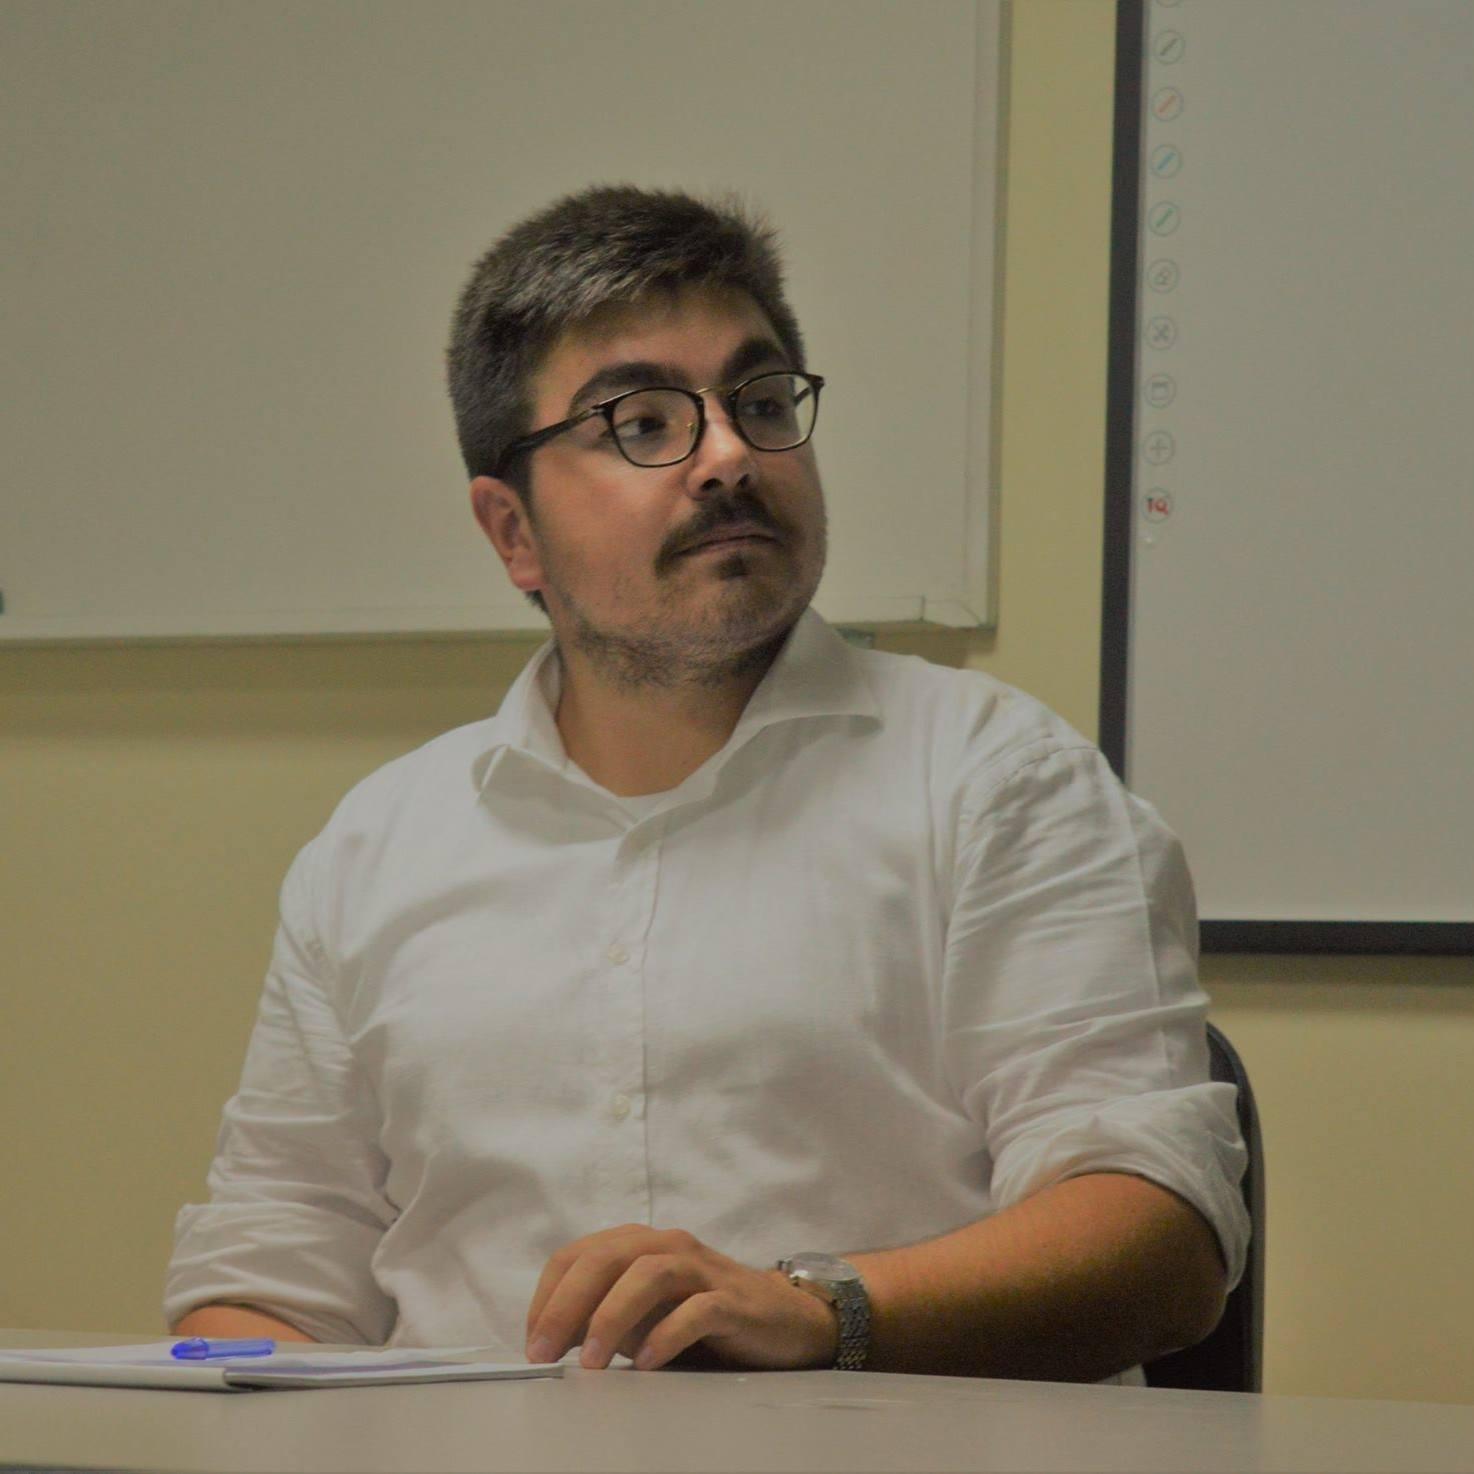 Dimitrios Skaftouros